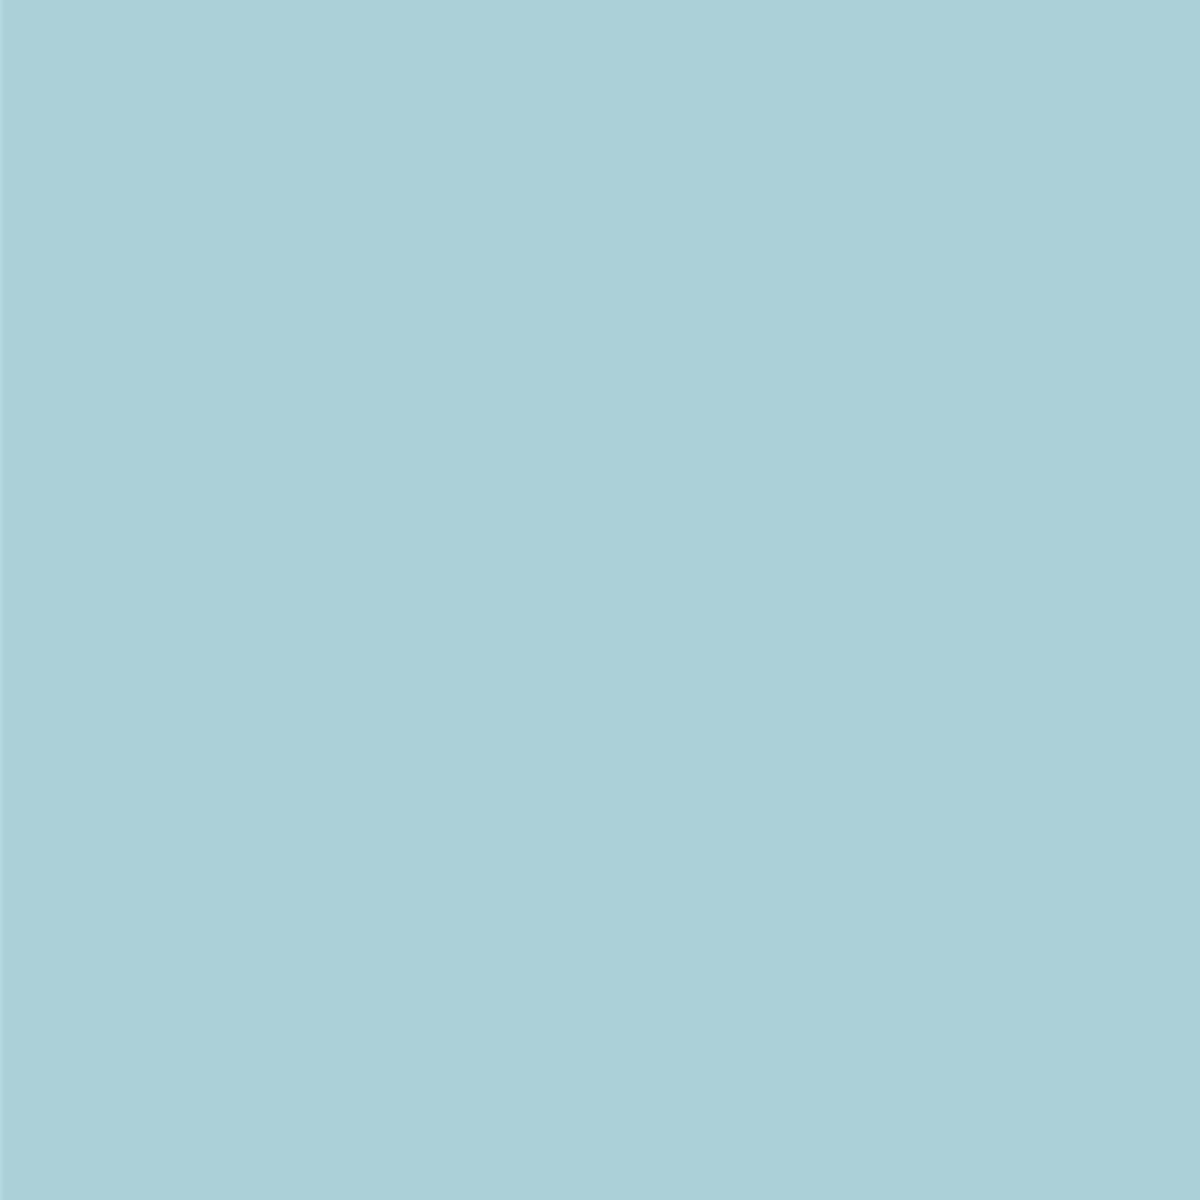 Serviette bleu menthe non tissé 40x40 cm Airlaid Duni (60 pièces)